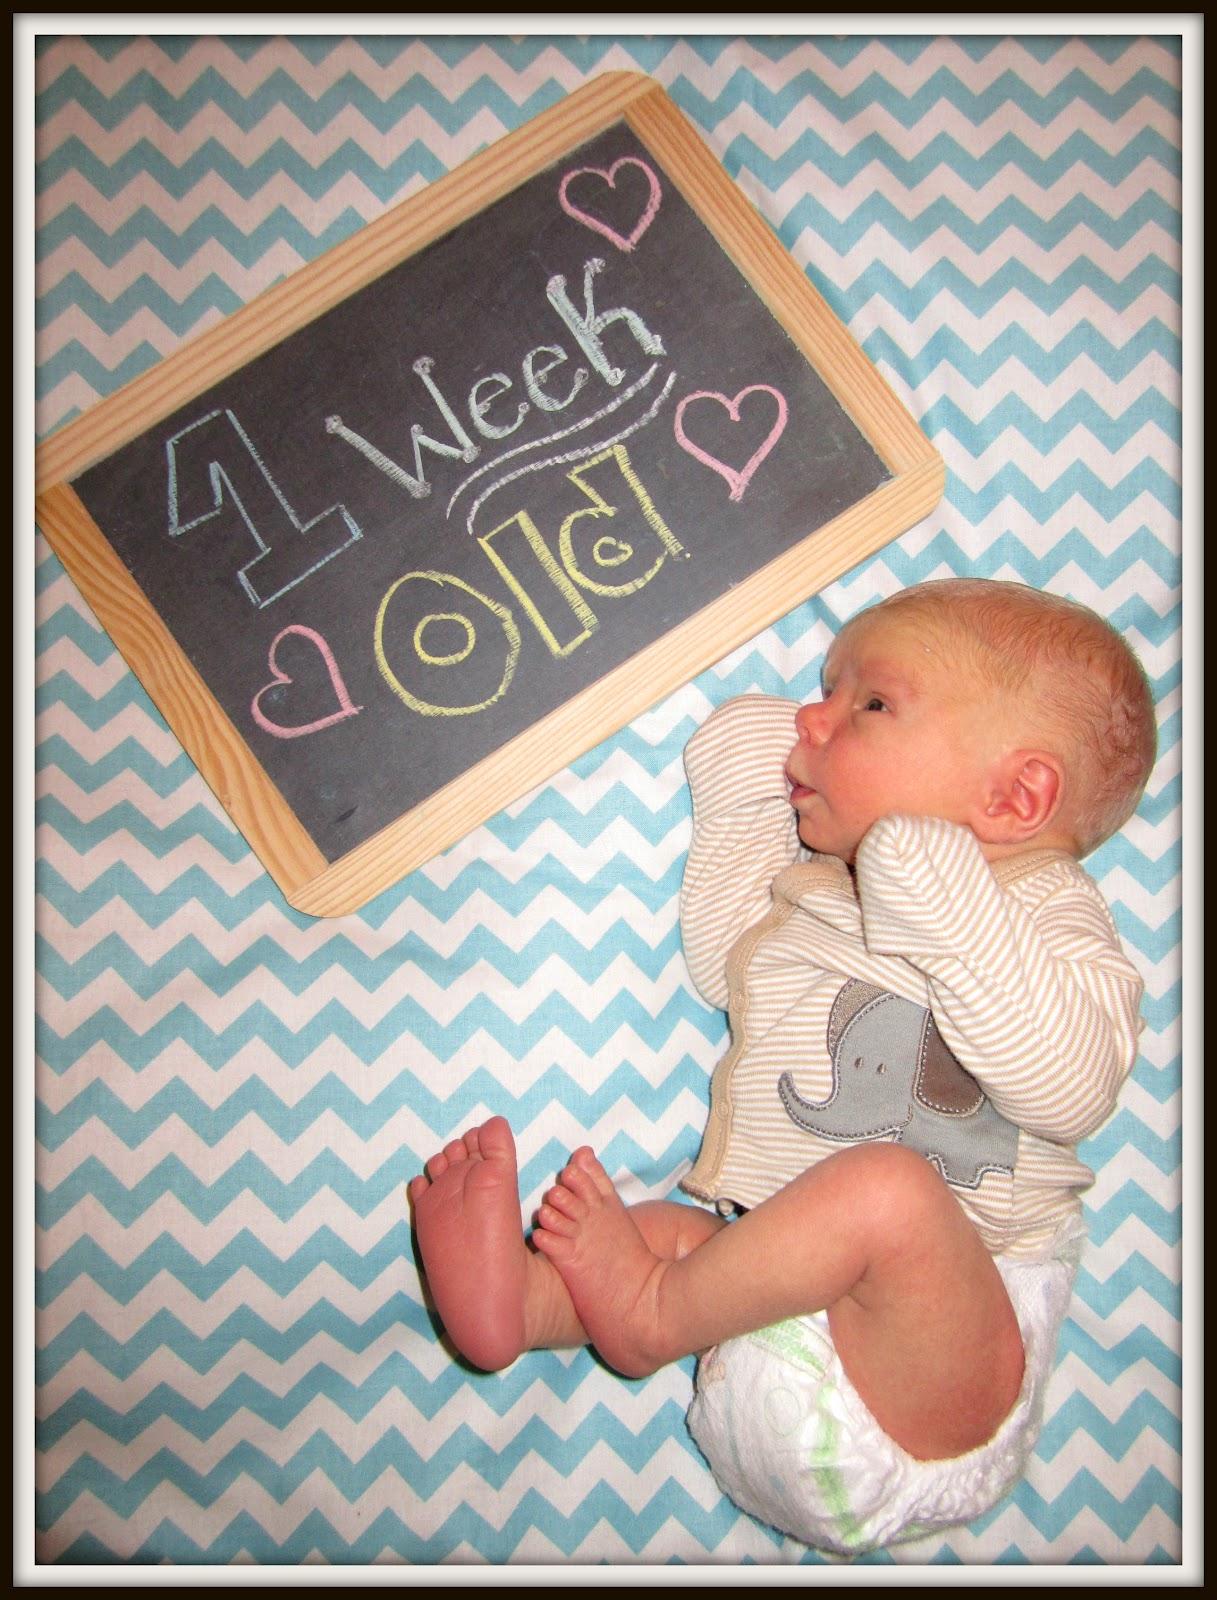 us two baby jax is 1 week old